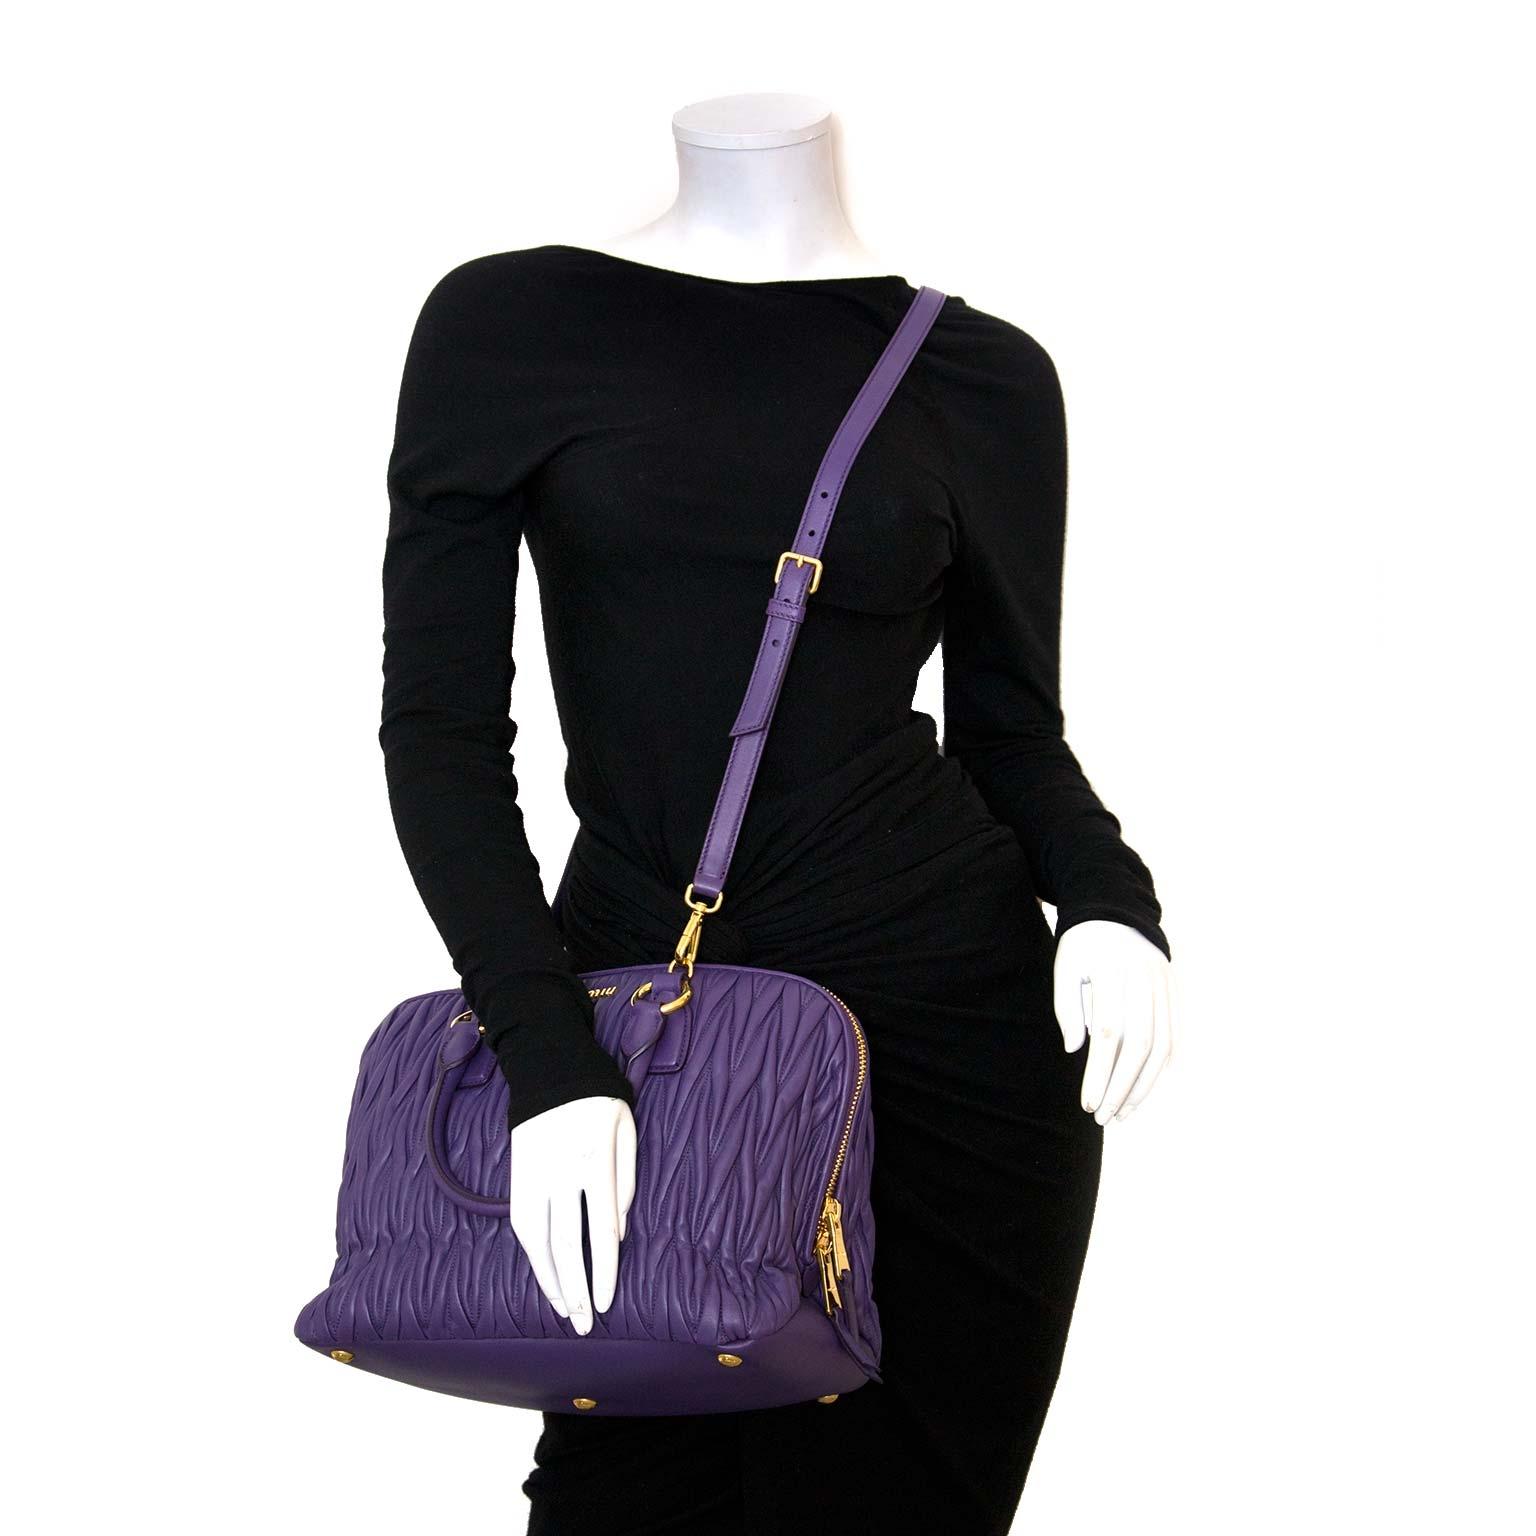 d261c4f4ec27 Labellov Shop safe online  authentic vintage Chloe bags and ...